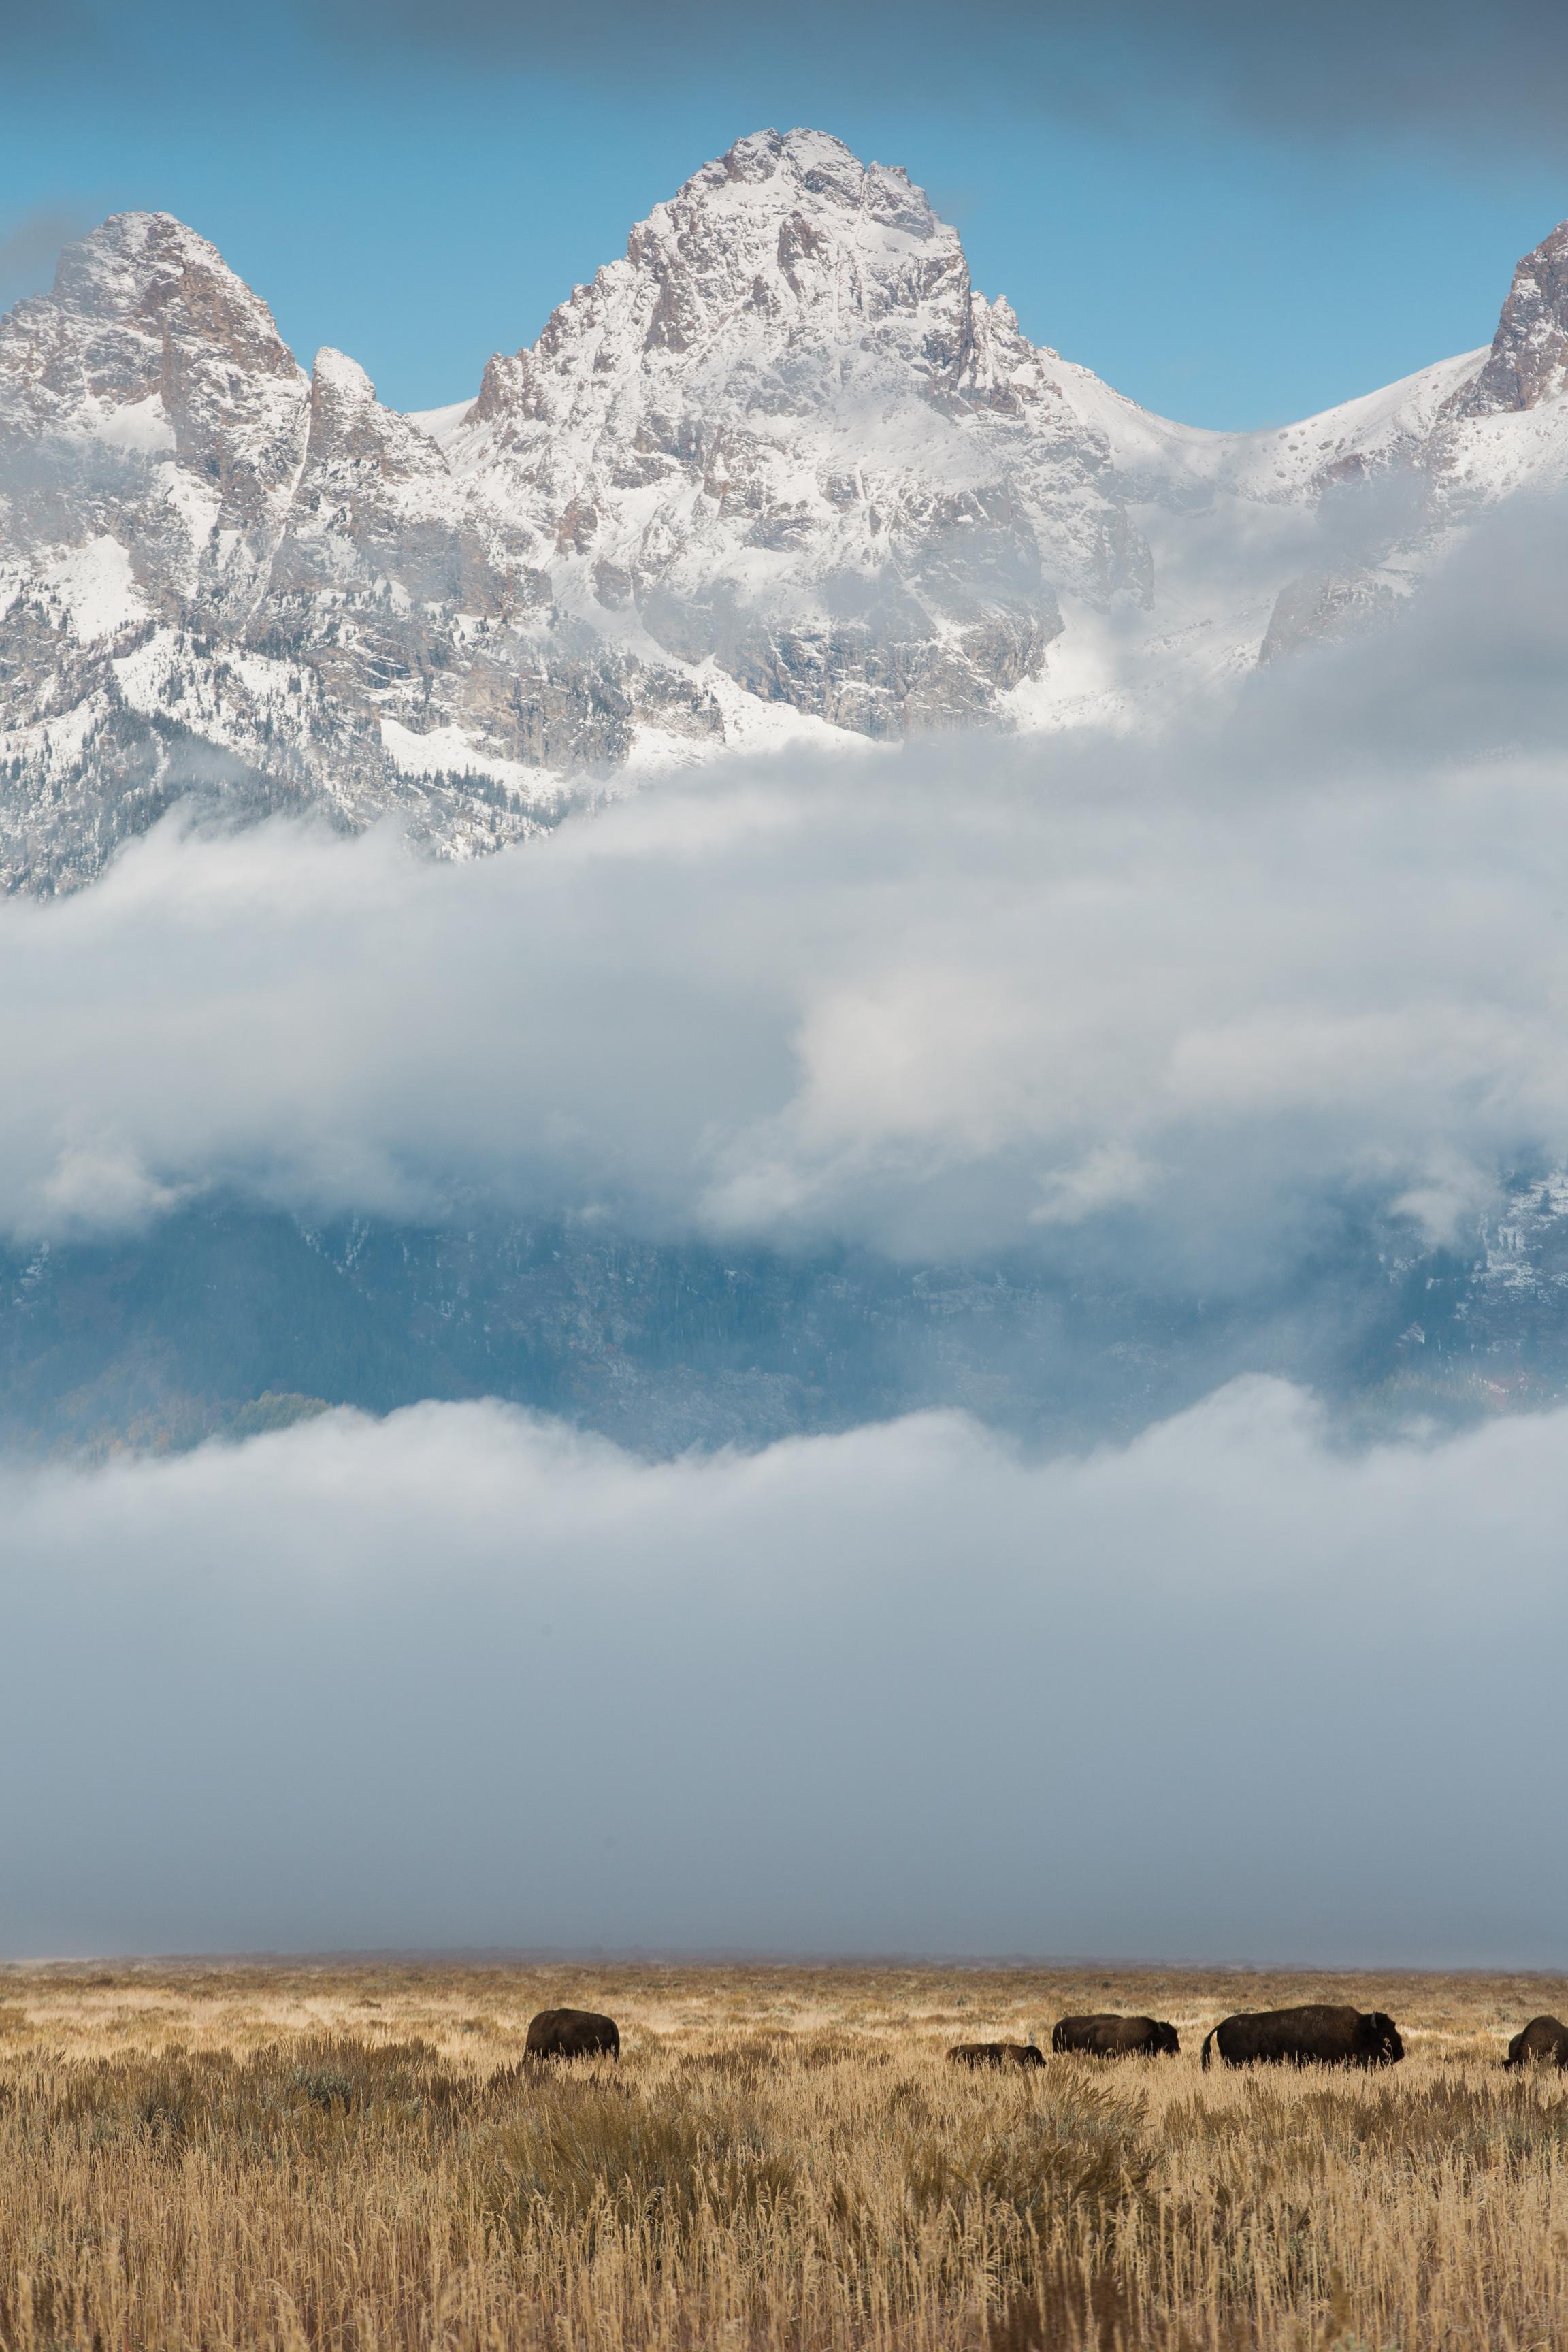 CindyGiovagnoli_Grand_Teton_National_Park_mountains_Bison_Autumn_Wyoming_Mormon_Row_aspens_fall_outdoor_photographer-037.jpg